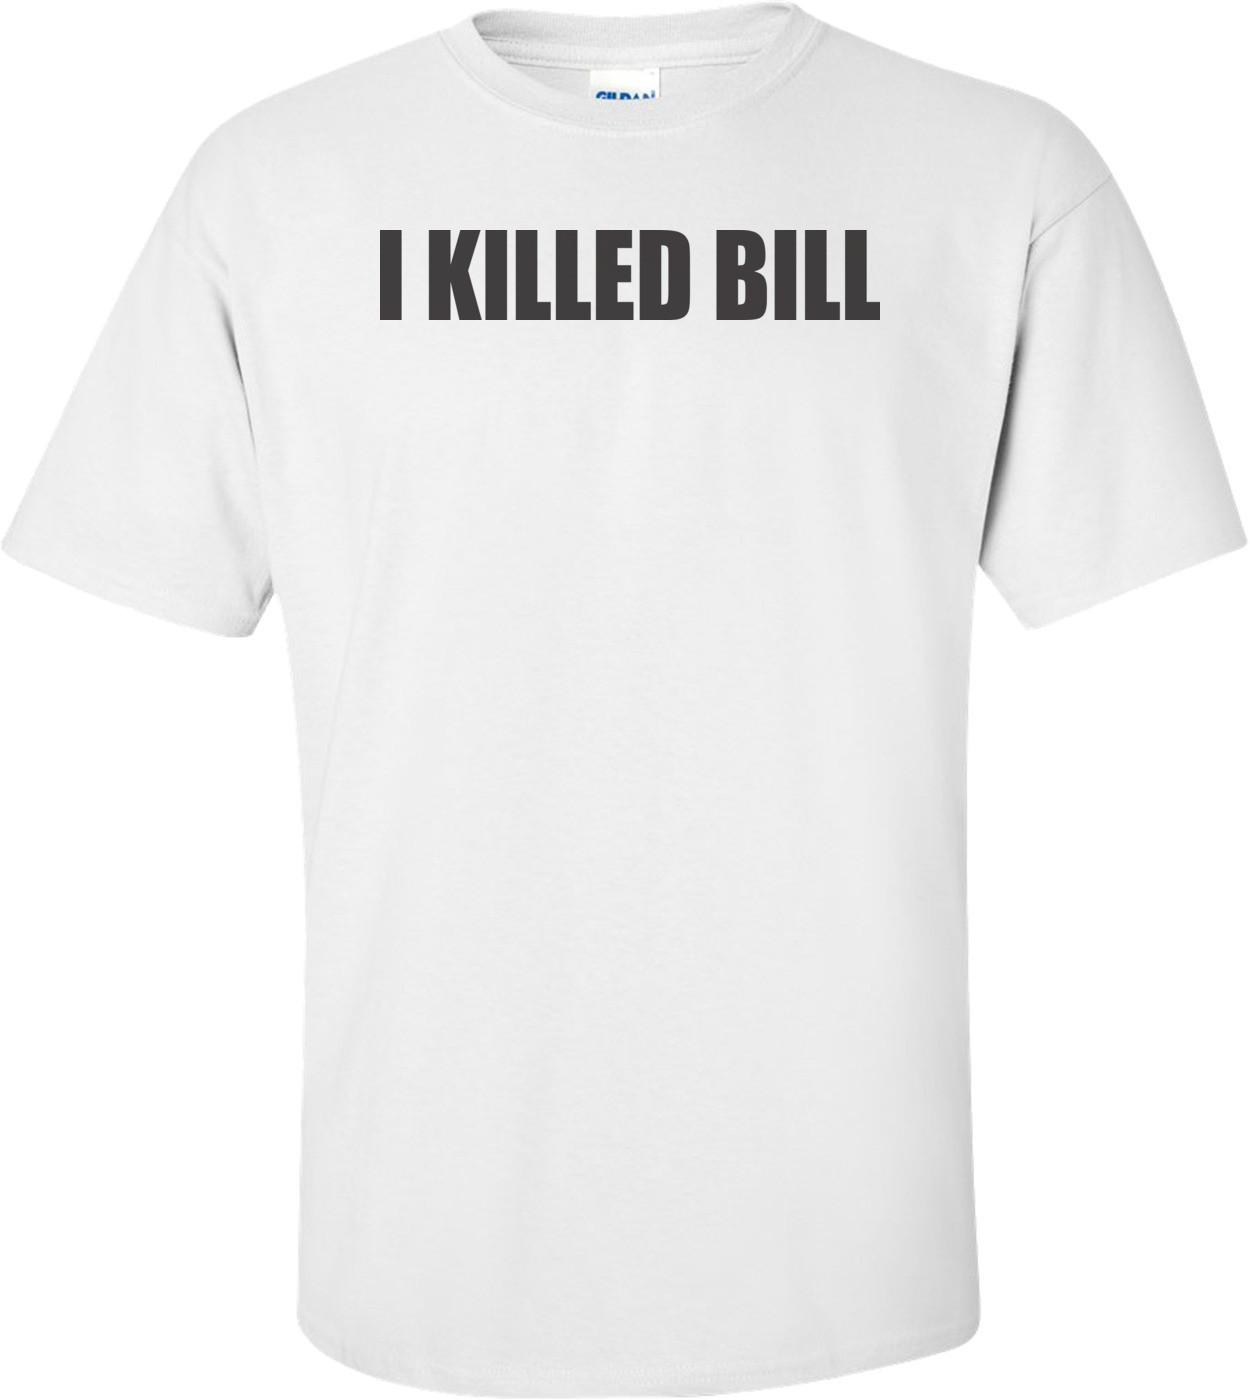 I Killed Bill T-shirt